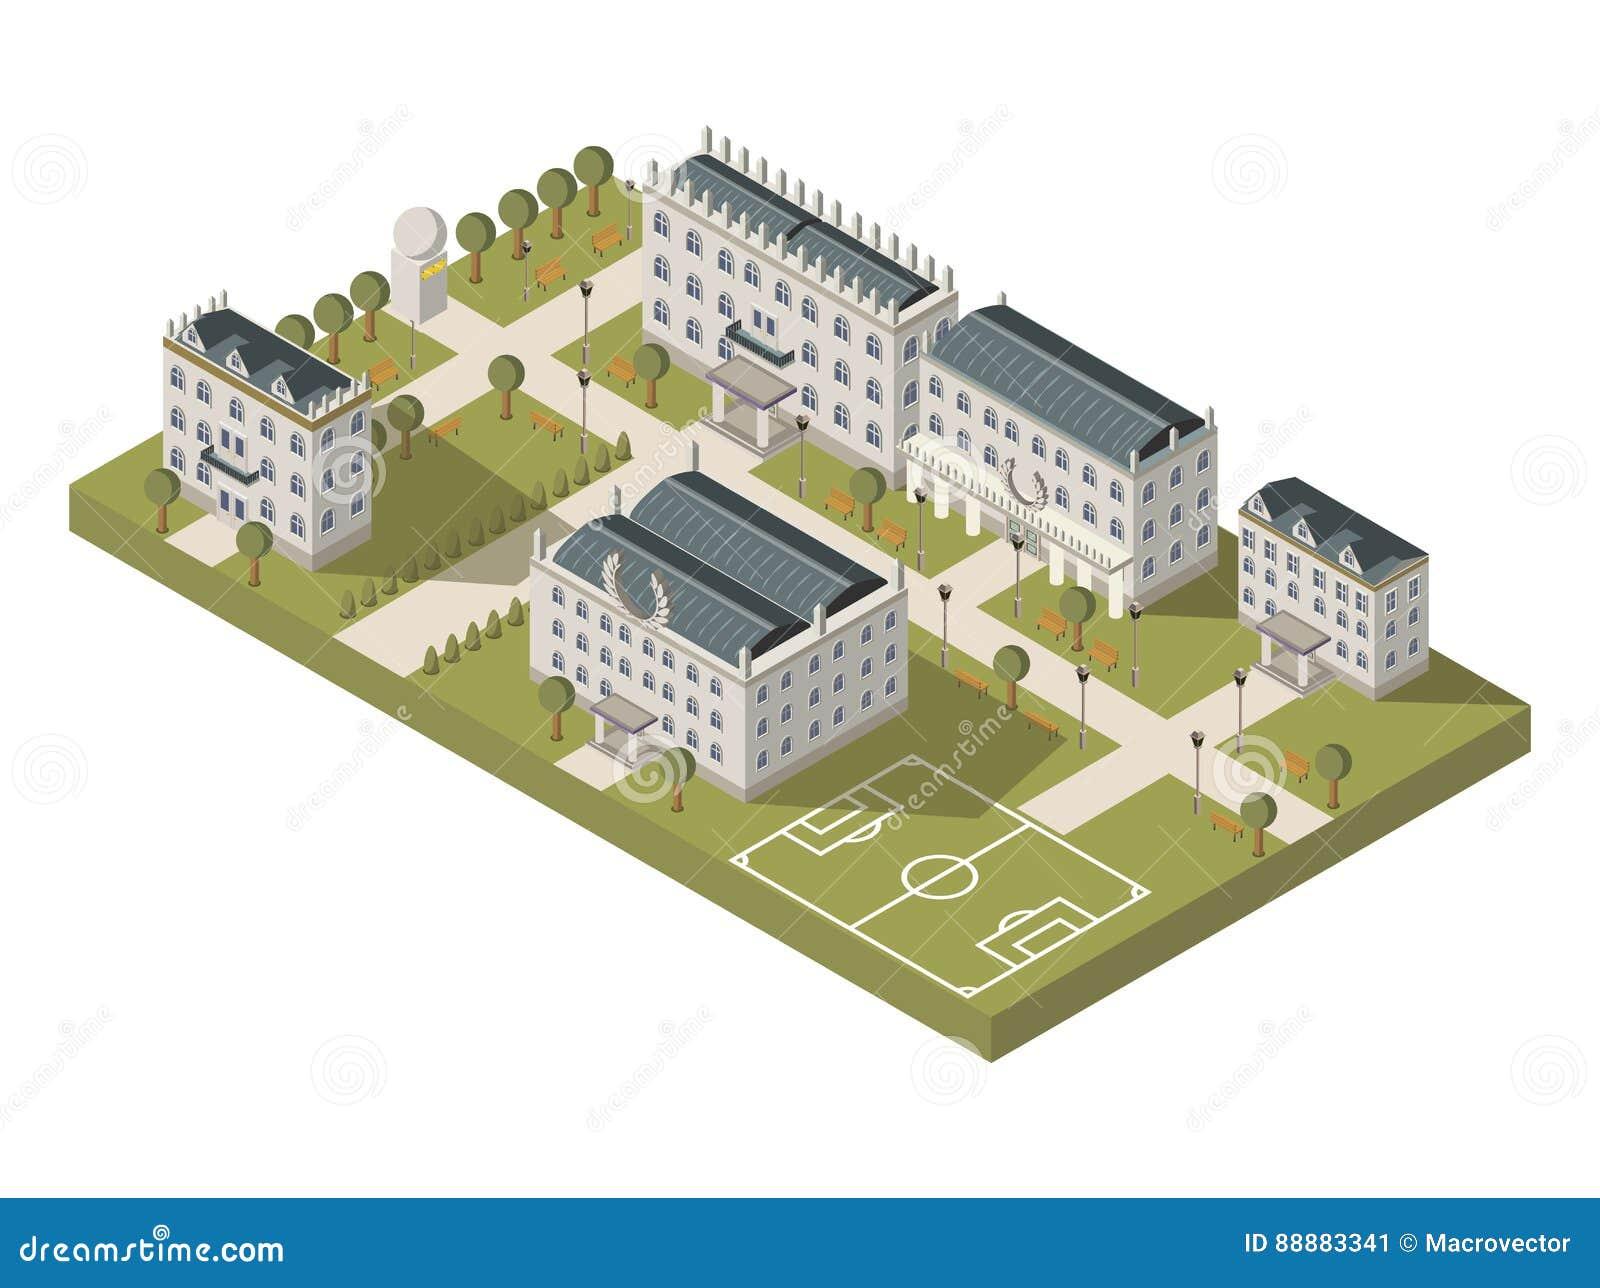 Isometric University Campus Concept Stock Vector ...  Isometric Unive...